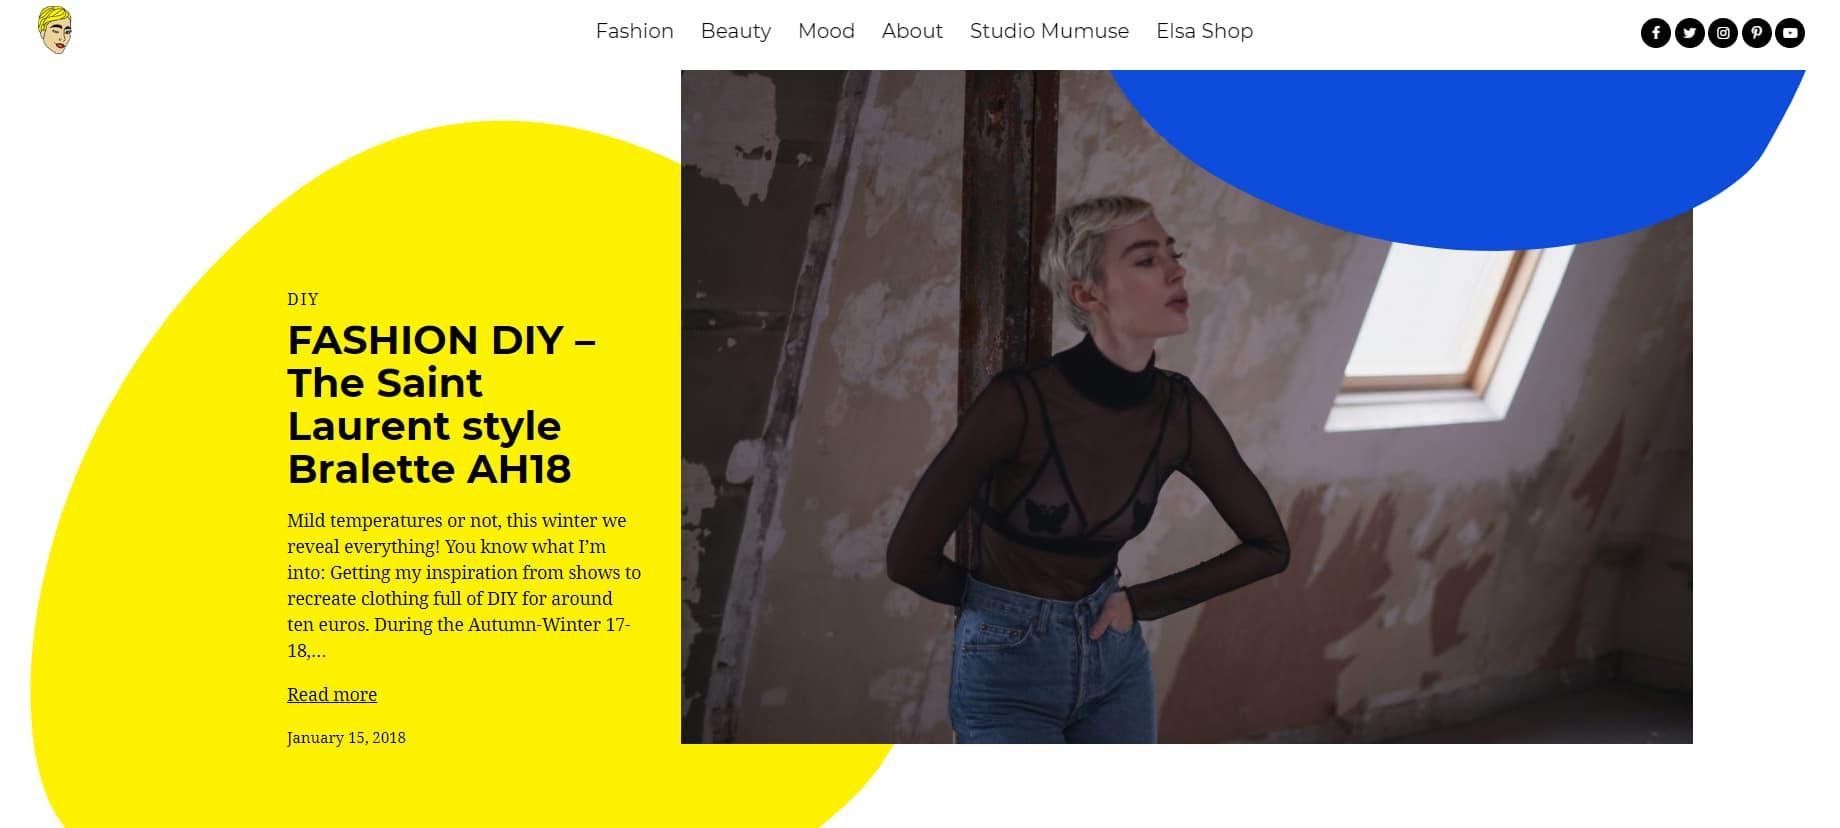 Portfolio Website - Blog